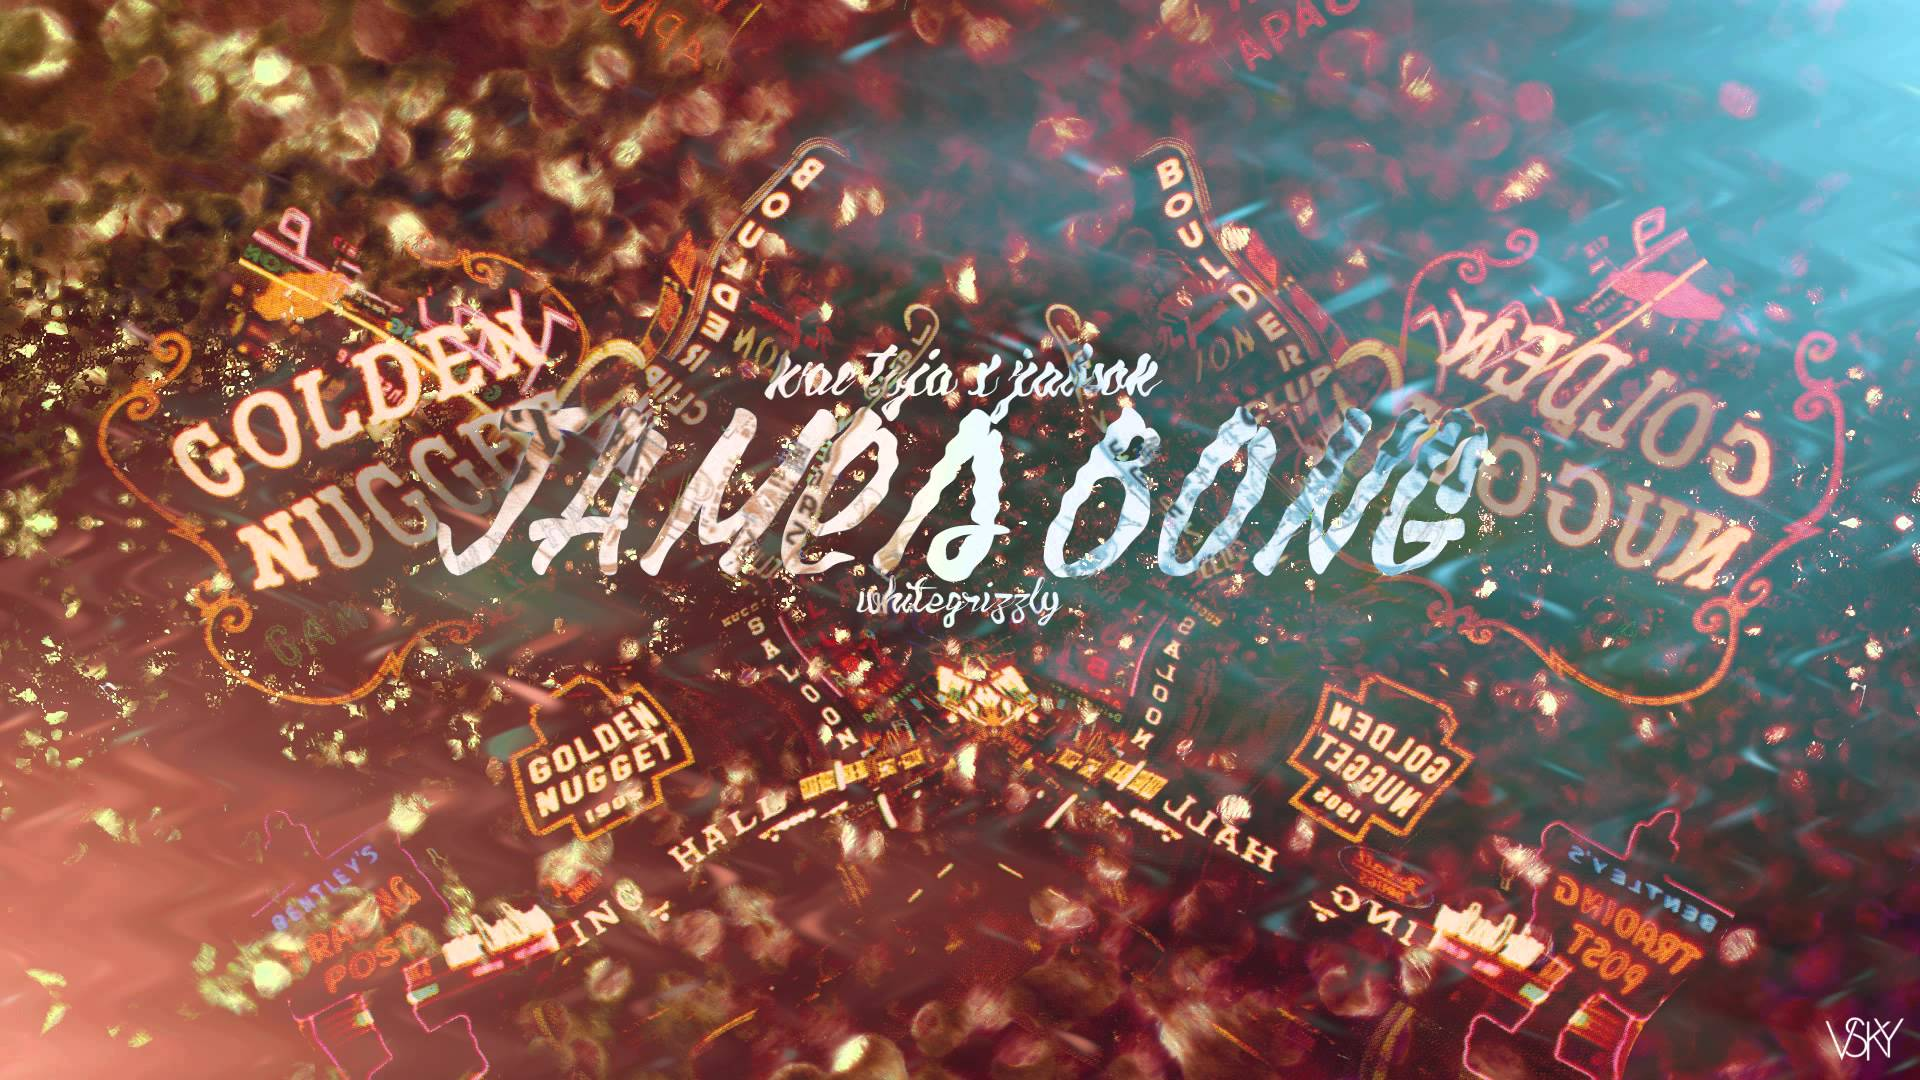 WAC TOJA ╳ ŻABSON - JAMES BONG #whitegrizzly trap blend